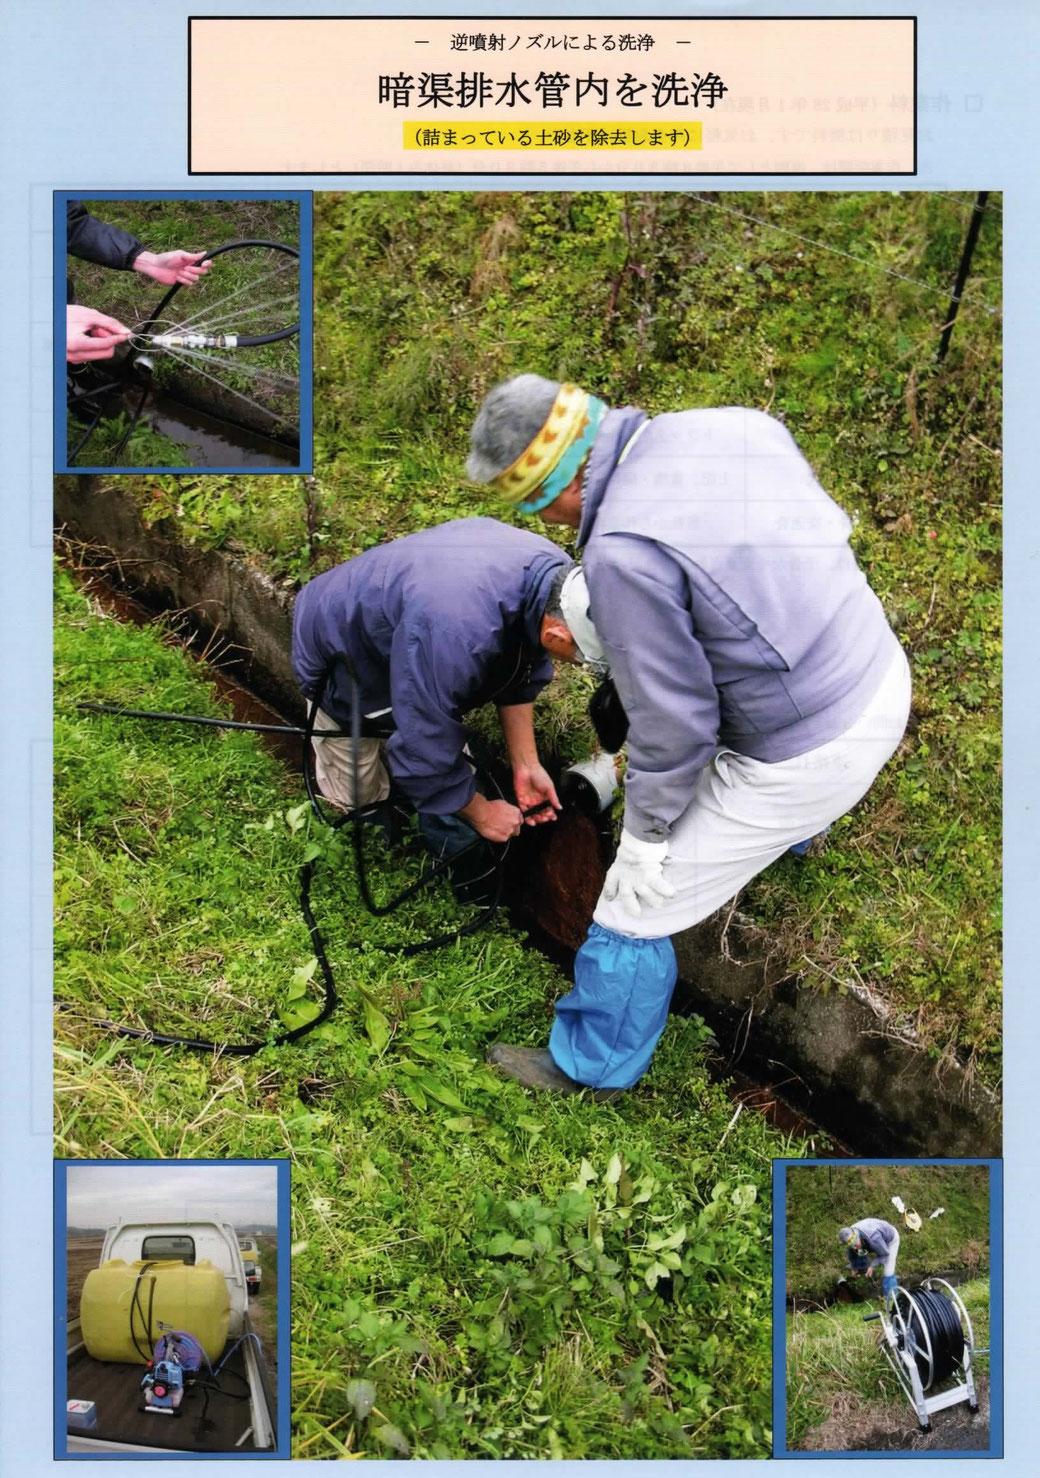 暗渠管 暗渠パイプ 暗渠 農家にできる どうしたら暗渠 暗渠を掘る 暗渠がつまる 詰まった暗渠管 暗渠を直す 暗渠補修 直す暗渠